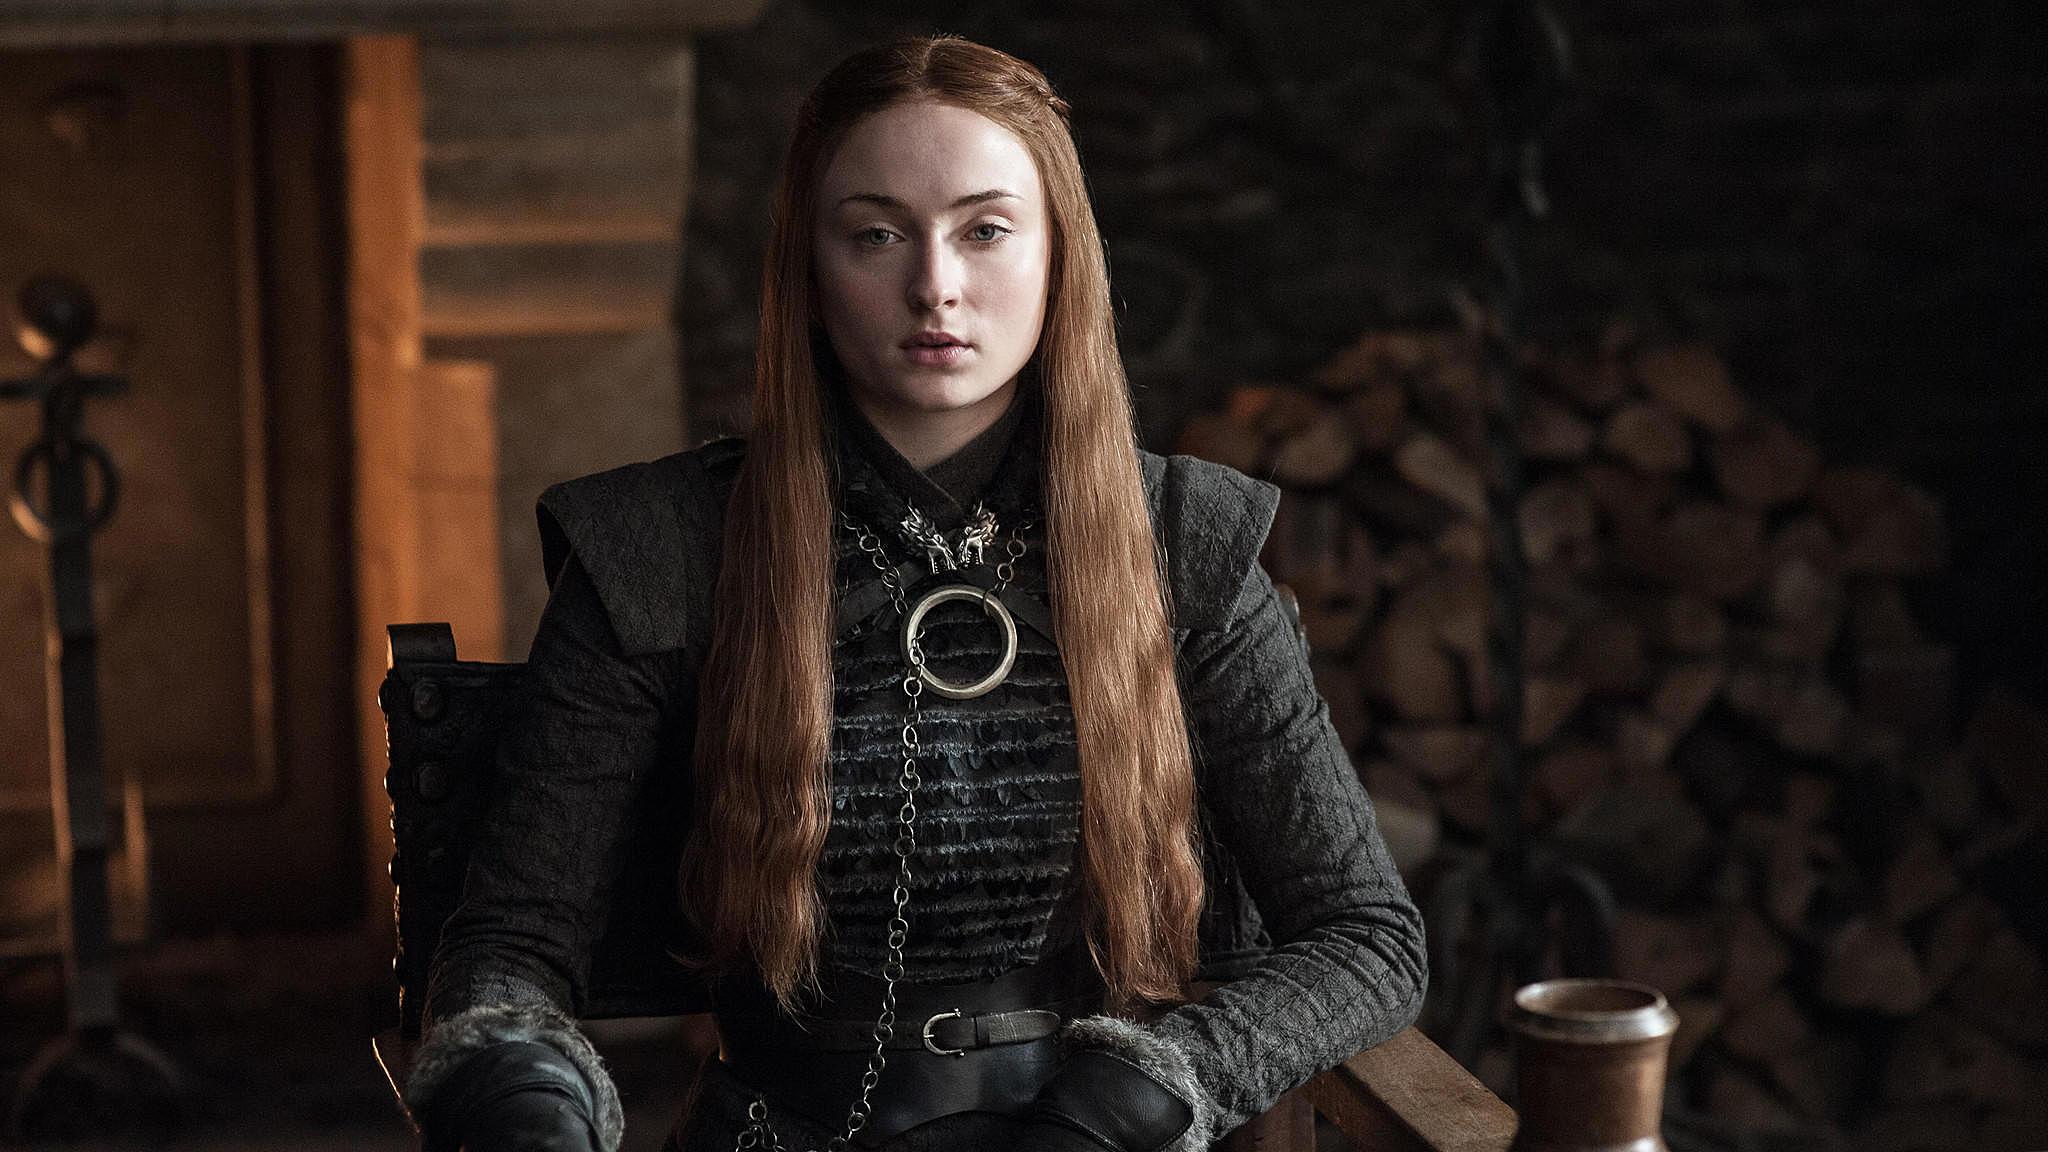 игра престолов 7 сезон кадр 6